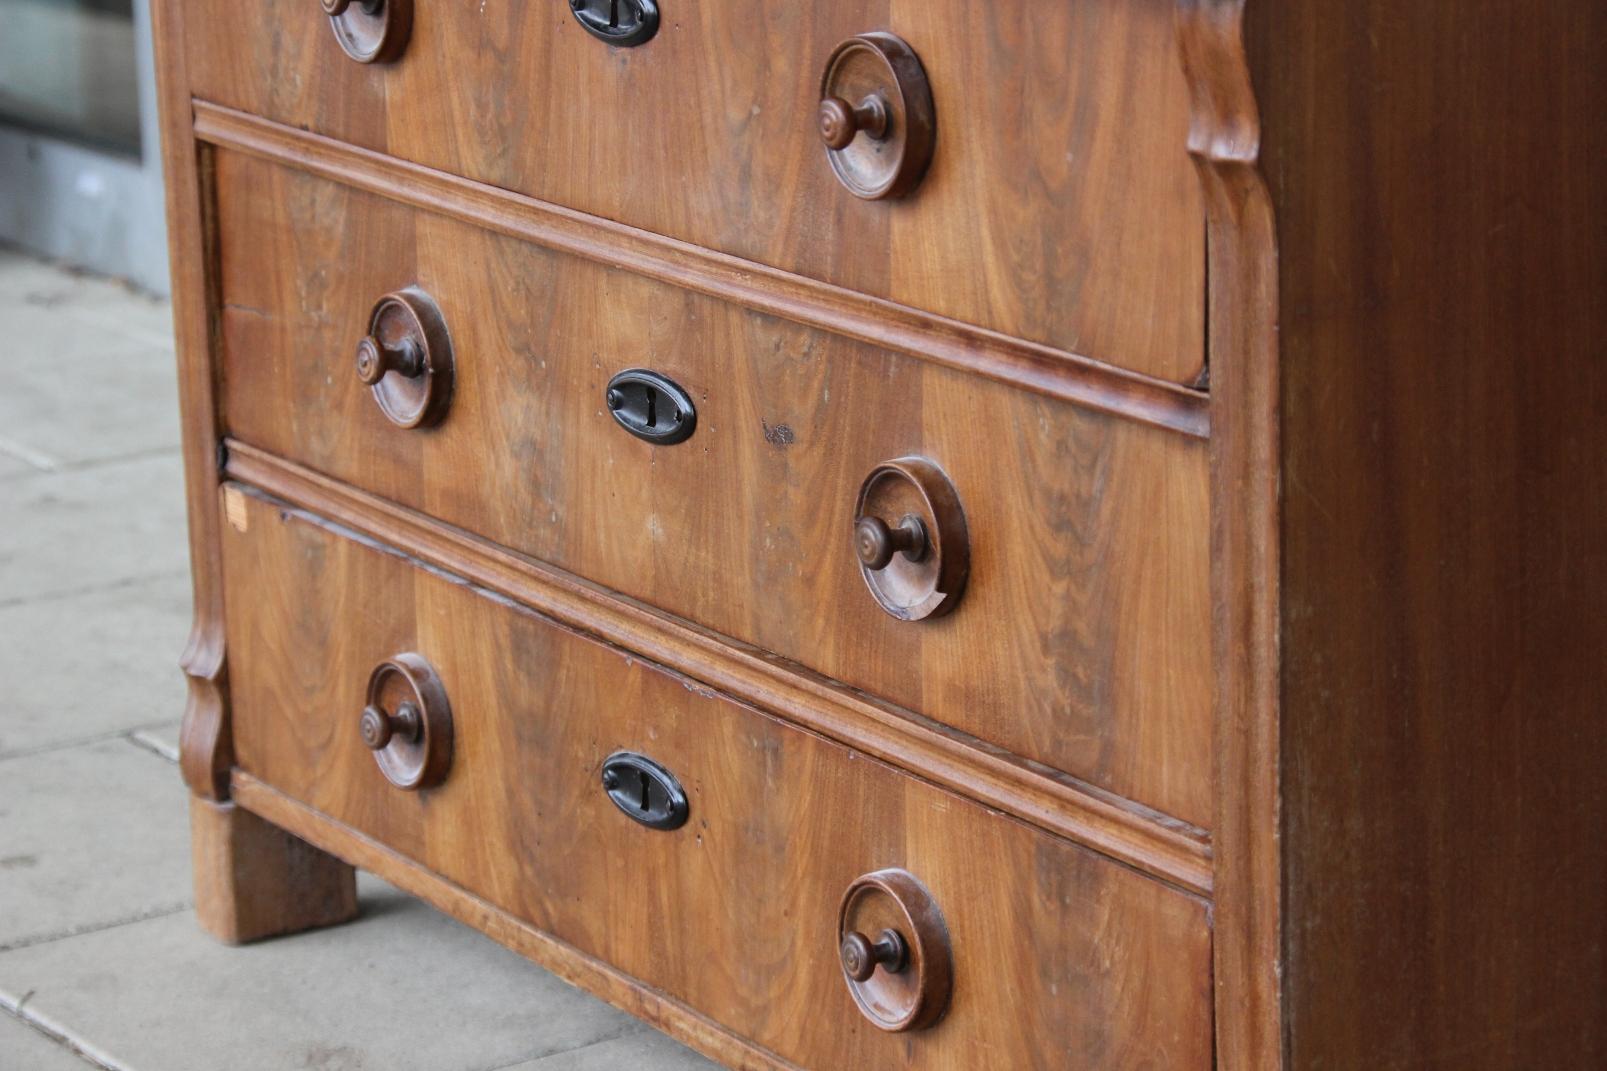 antike kommode nussbaum holz 5 schubl den um 1920 art d co sideboard anrichte ebay. Black Bedroom Furniture Sets. Home Design Ideas